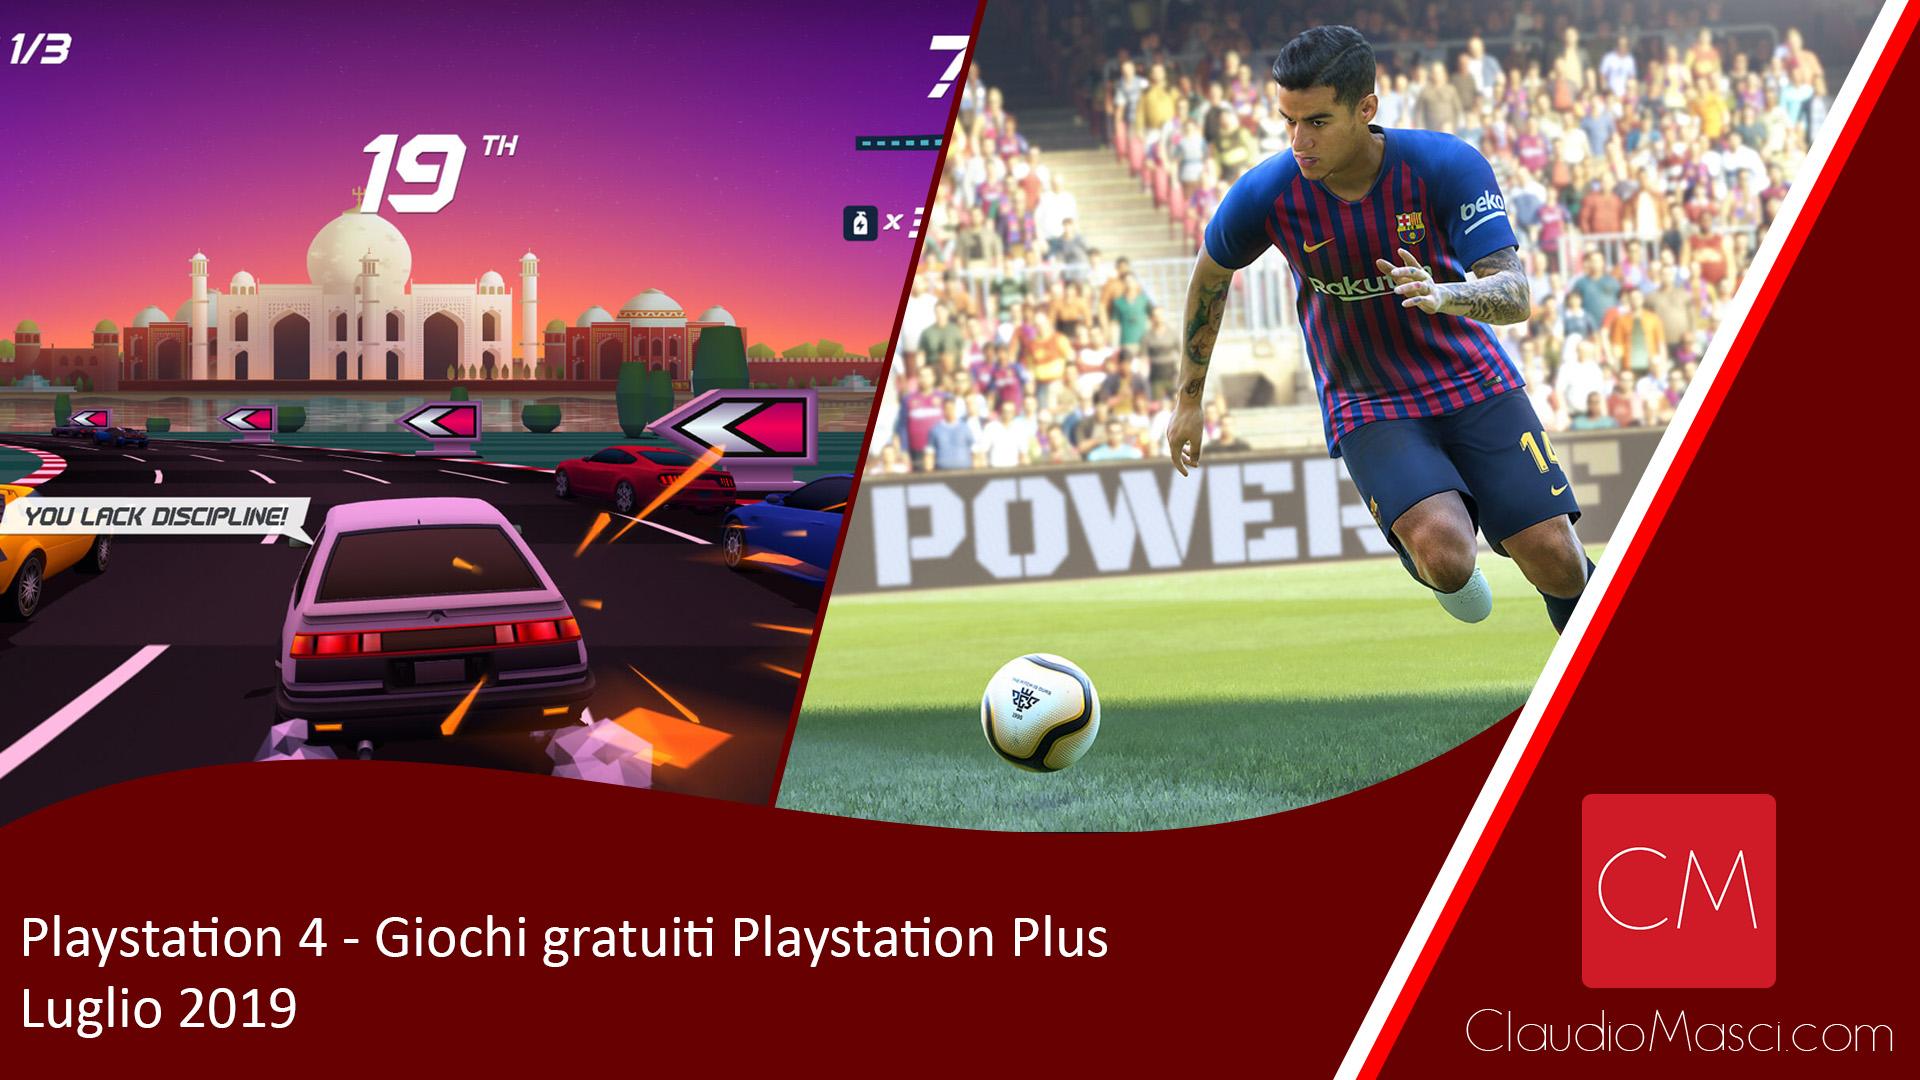 Playstation Plus – I Giochi gratuiti di Luglio 2019